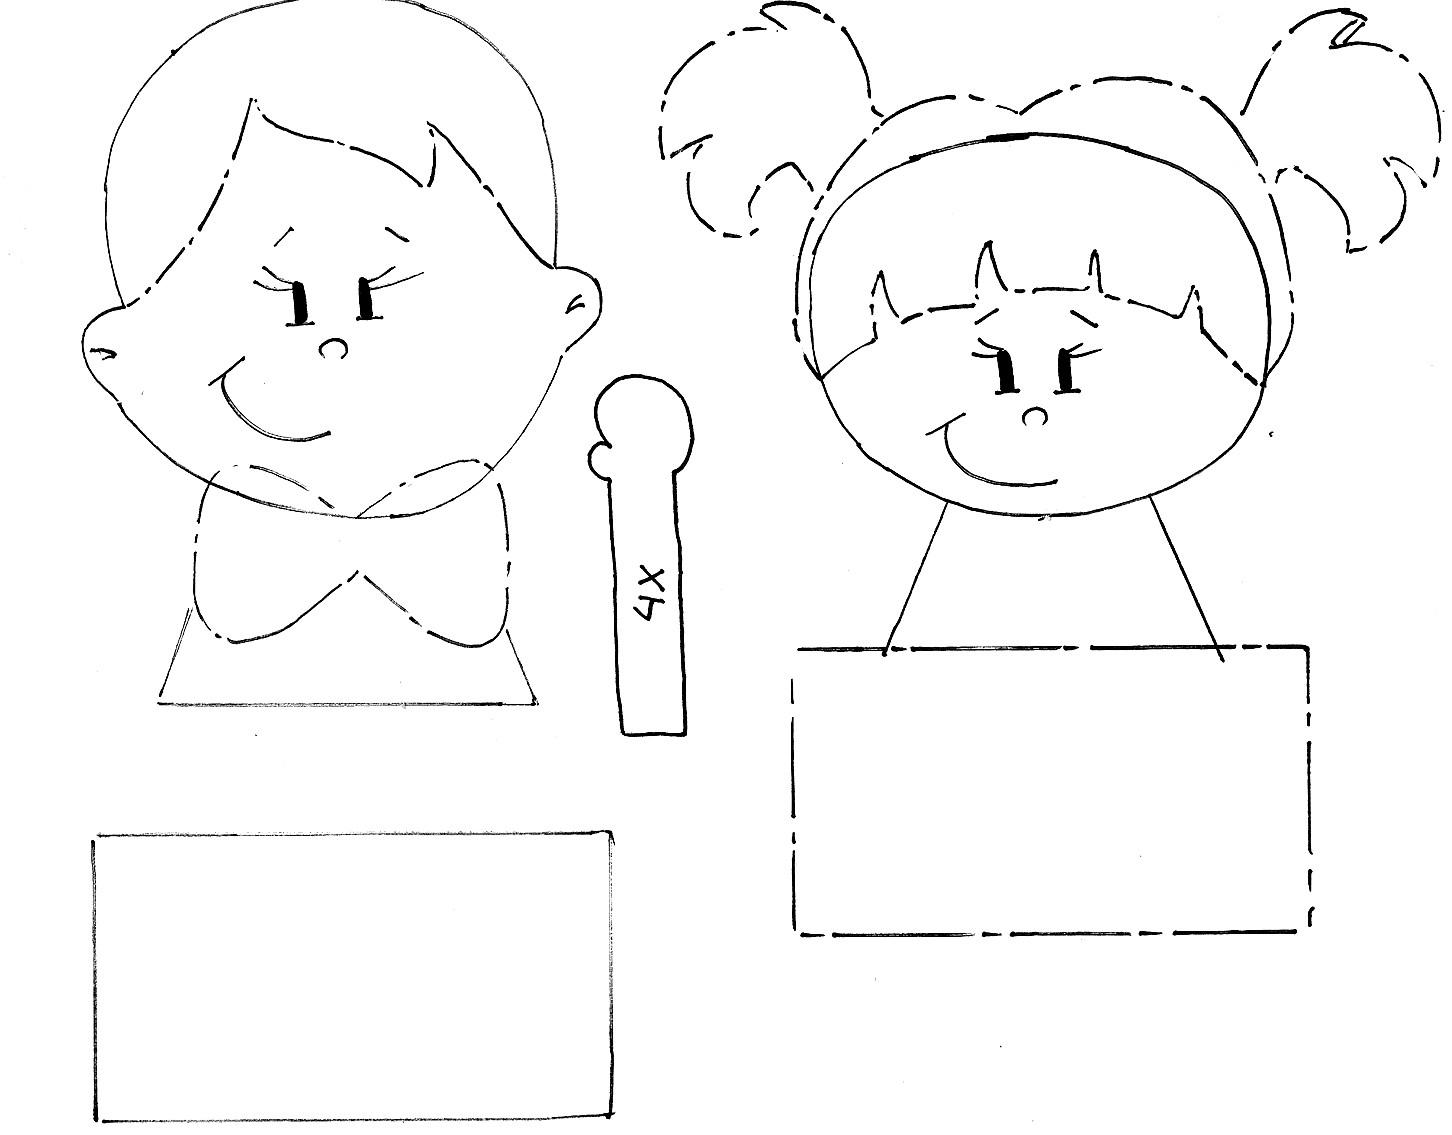 ☆*•.¸ღ¸.•☆: Plaquinhas para decorar sua sala de aula #383838 1452 1135